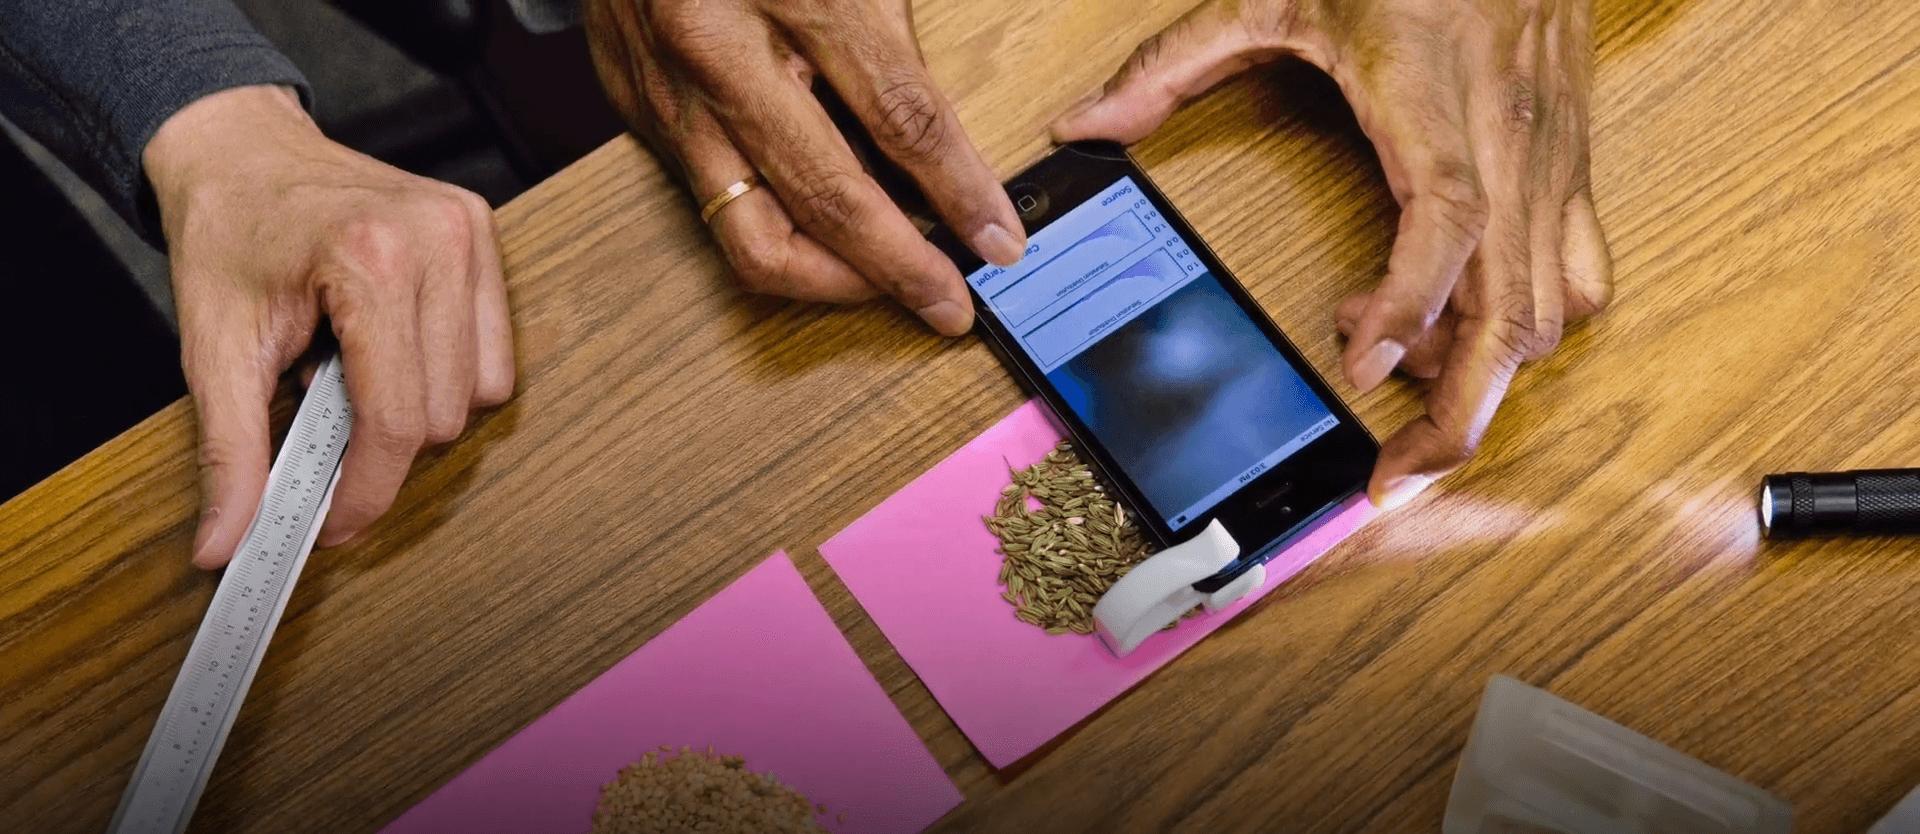 Obrázek: Rozpozná padělky, falešné bankovky i léky: Umělá inteligence využívá blockchain a kameru telefonu